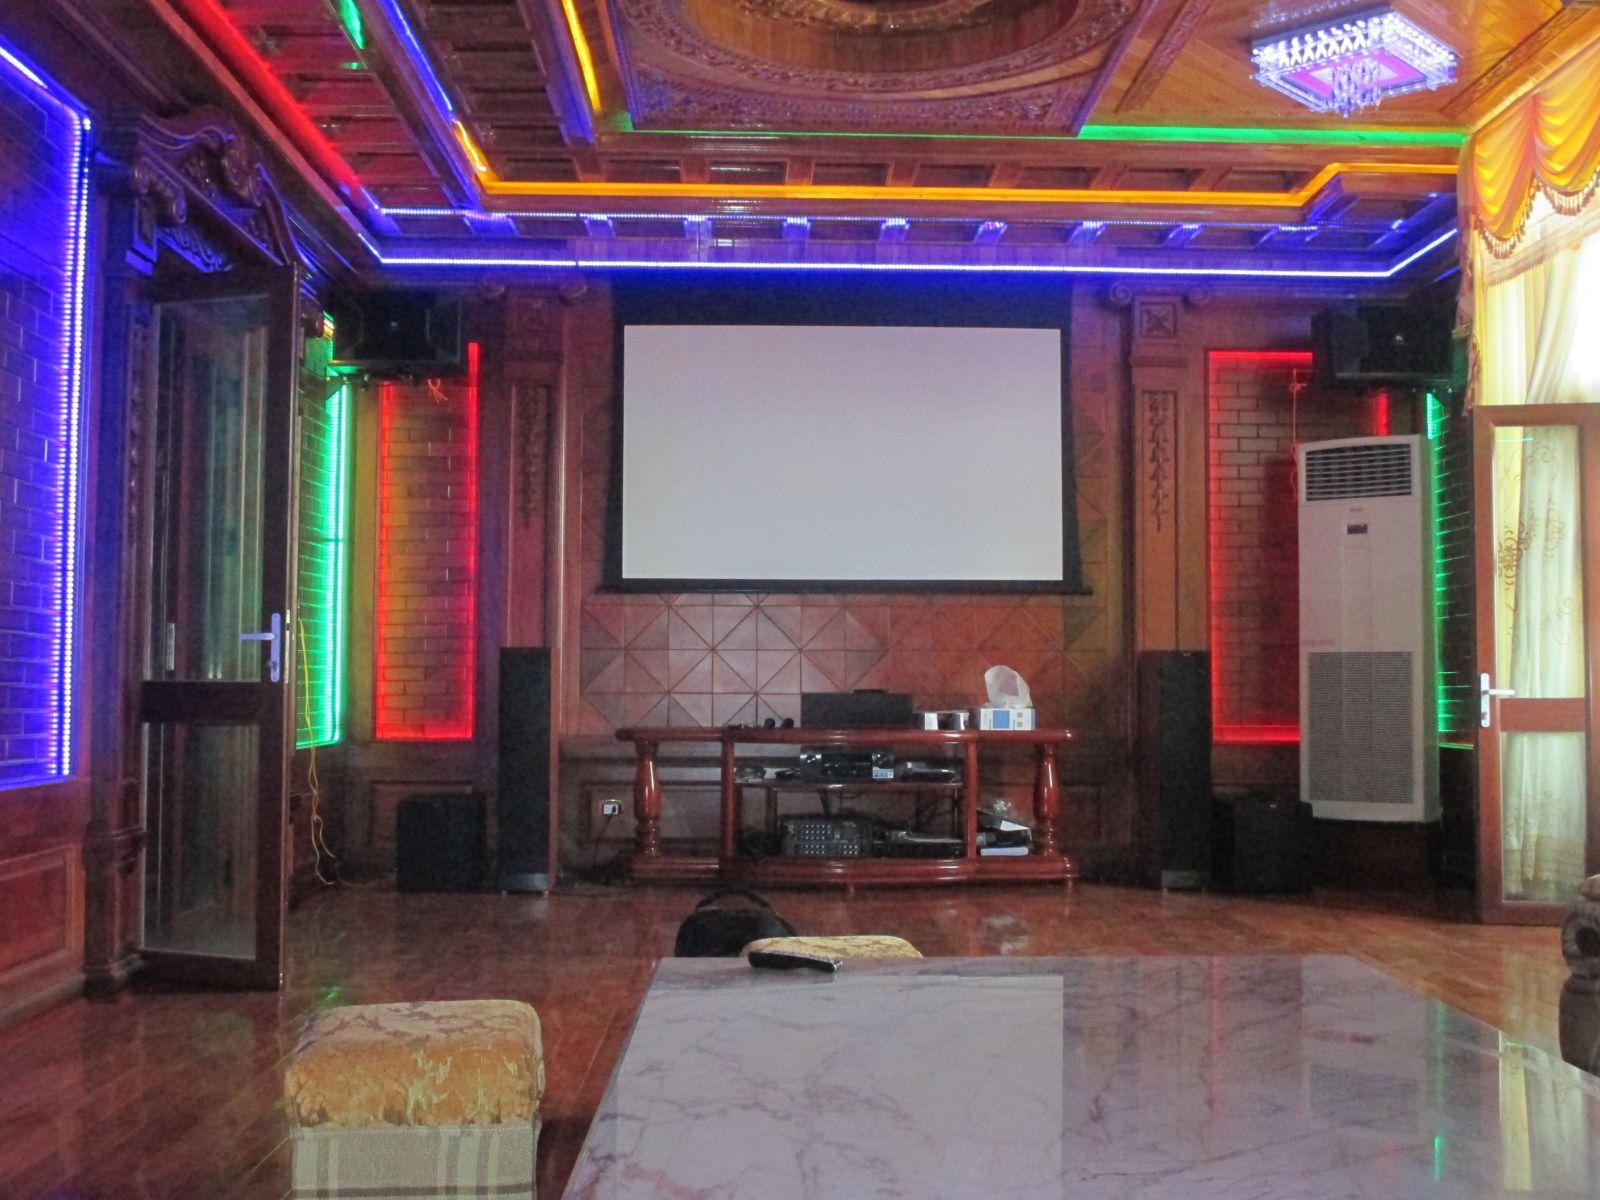 Hải Hưng lắp đặt phòng xem phim kết hợp karaoke